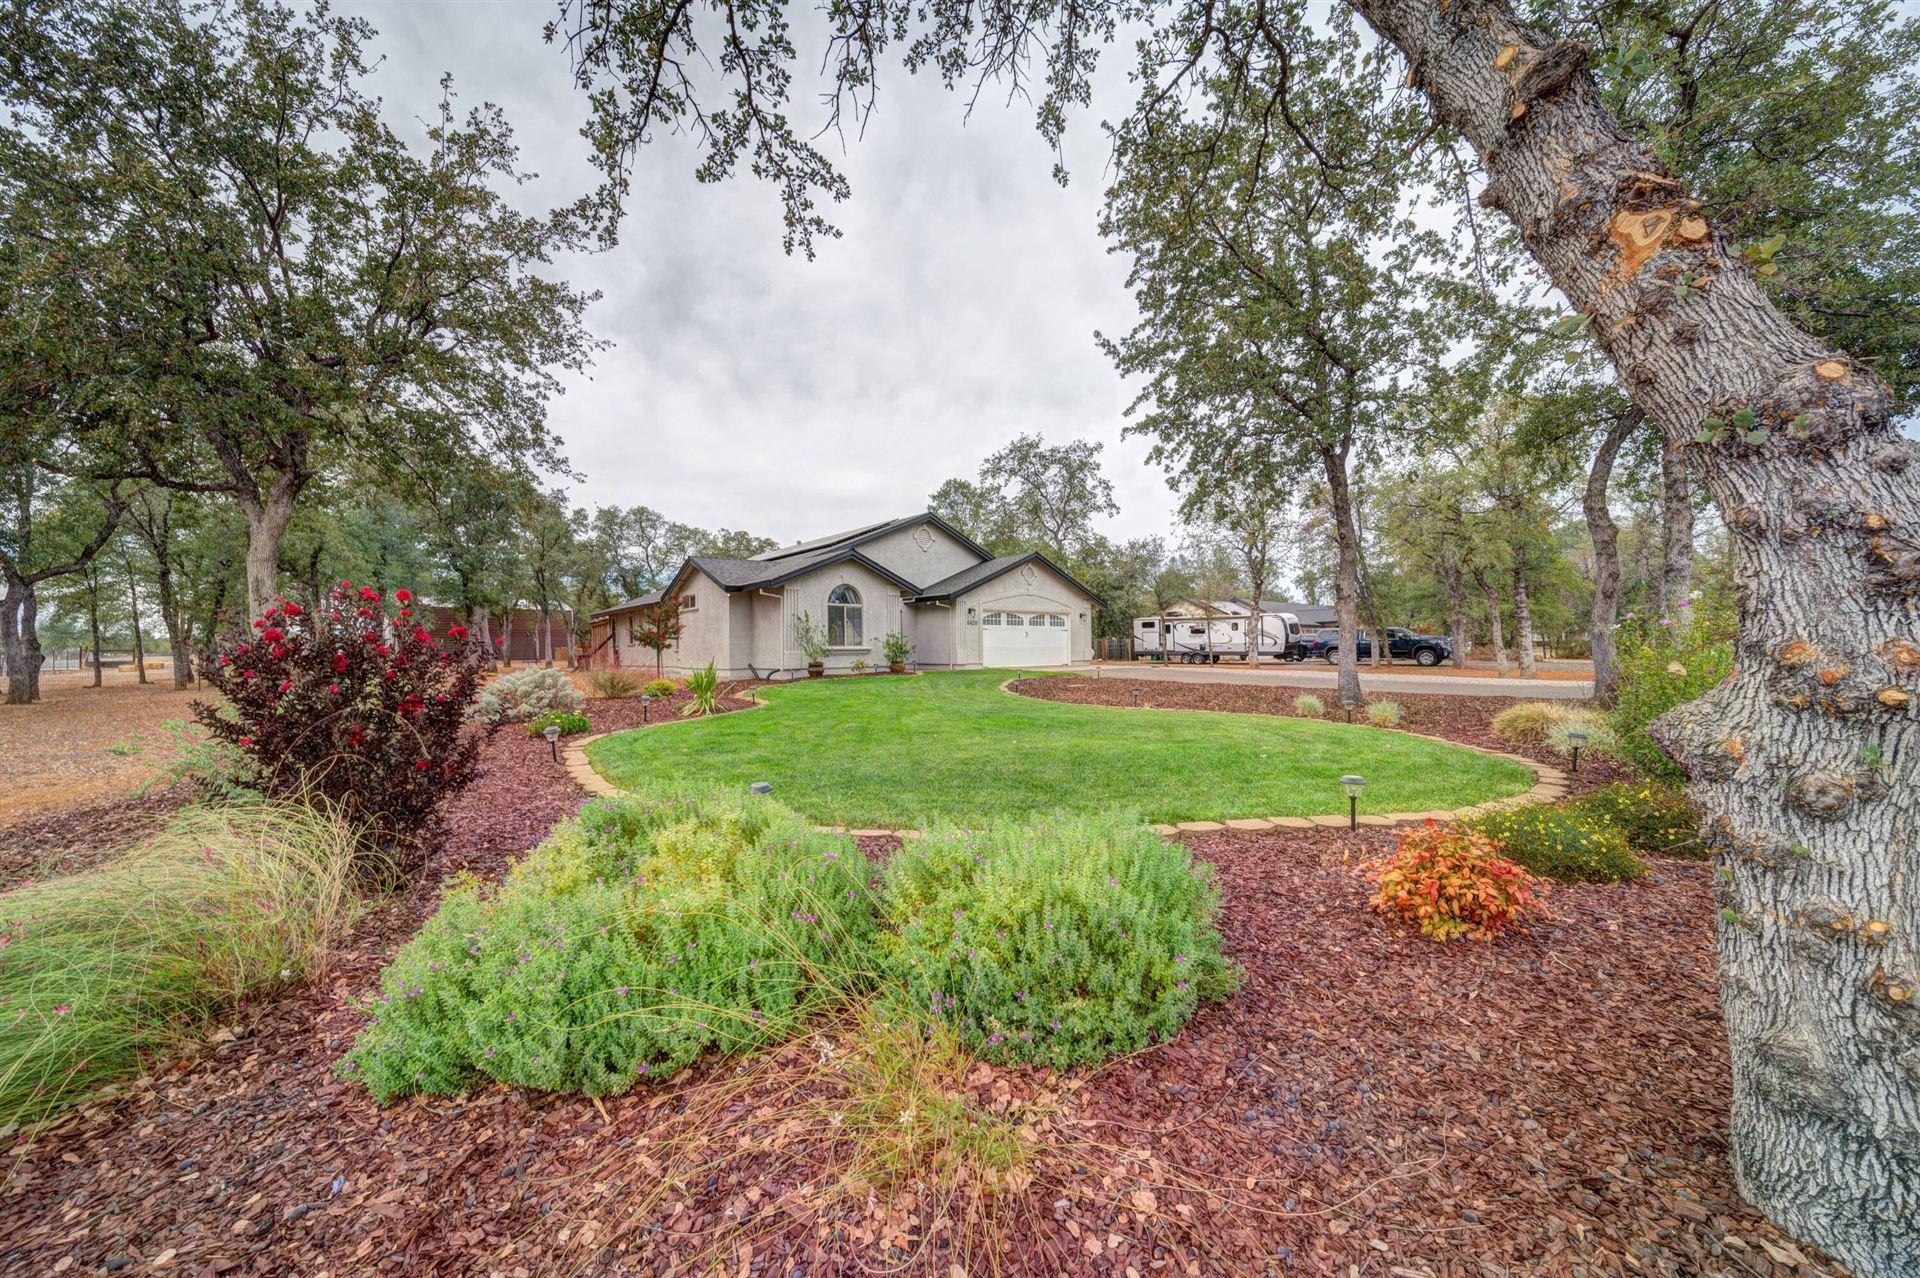 Photo for 6420 Ledgestone Ct, Anderson, CA 96007 (MLS # 21-4773)